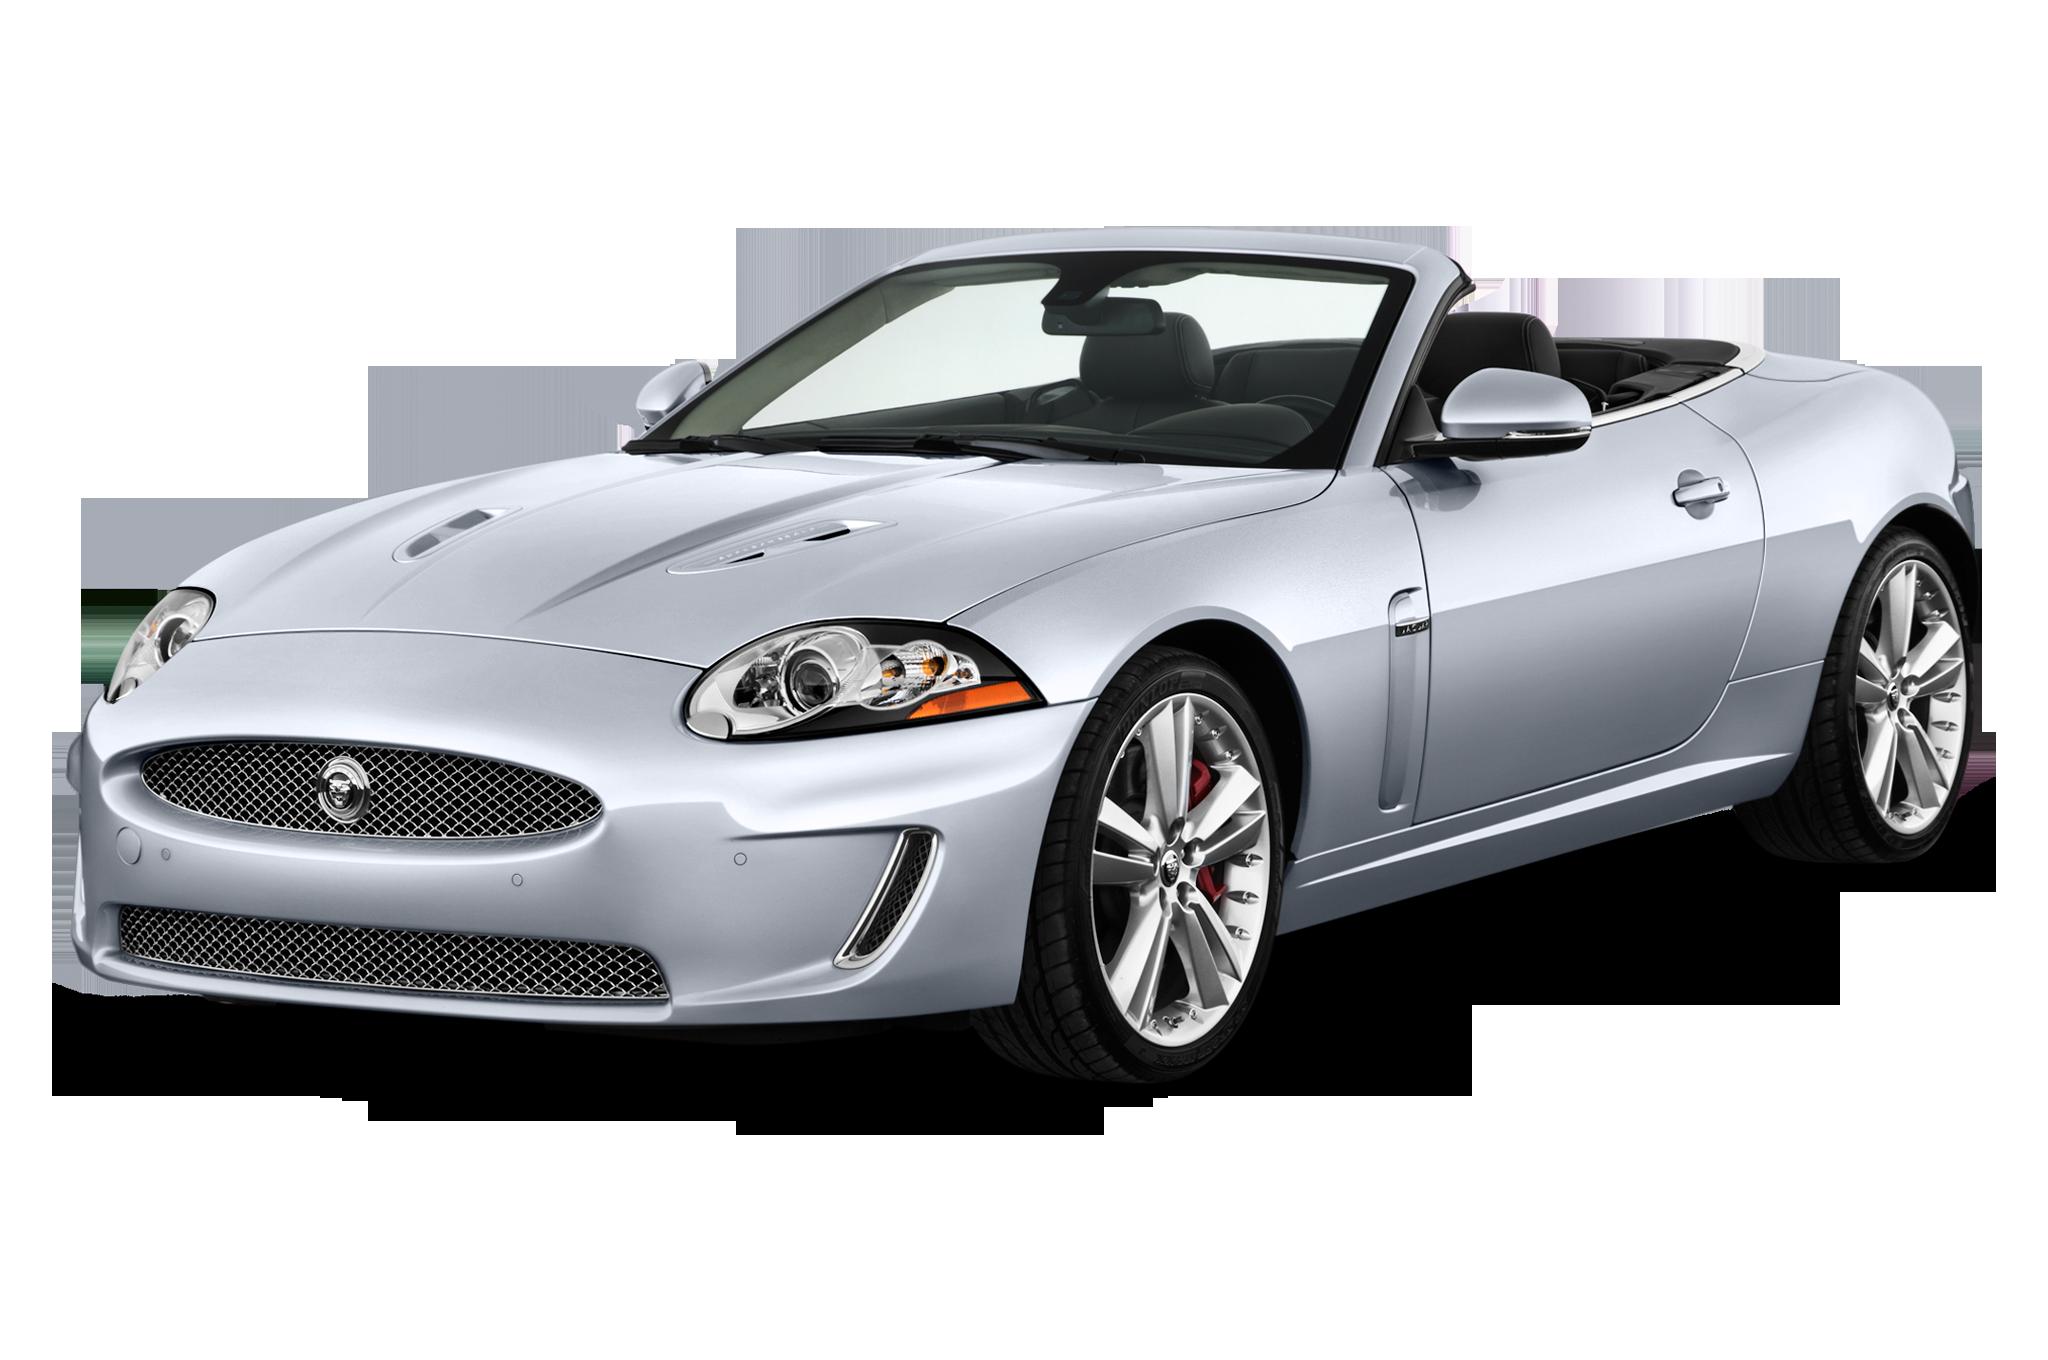 2011 Jaguar XK-Series